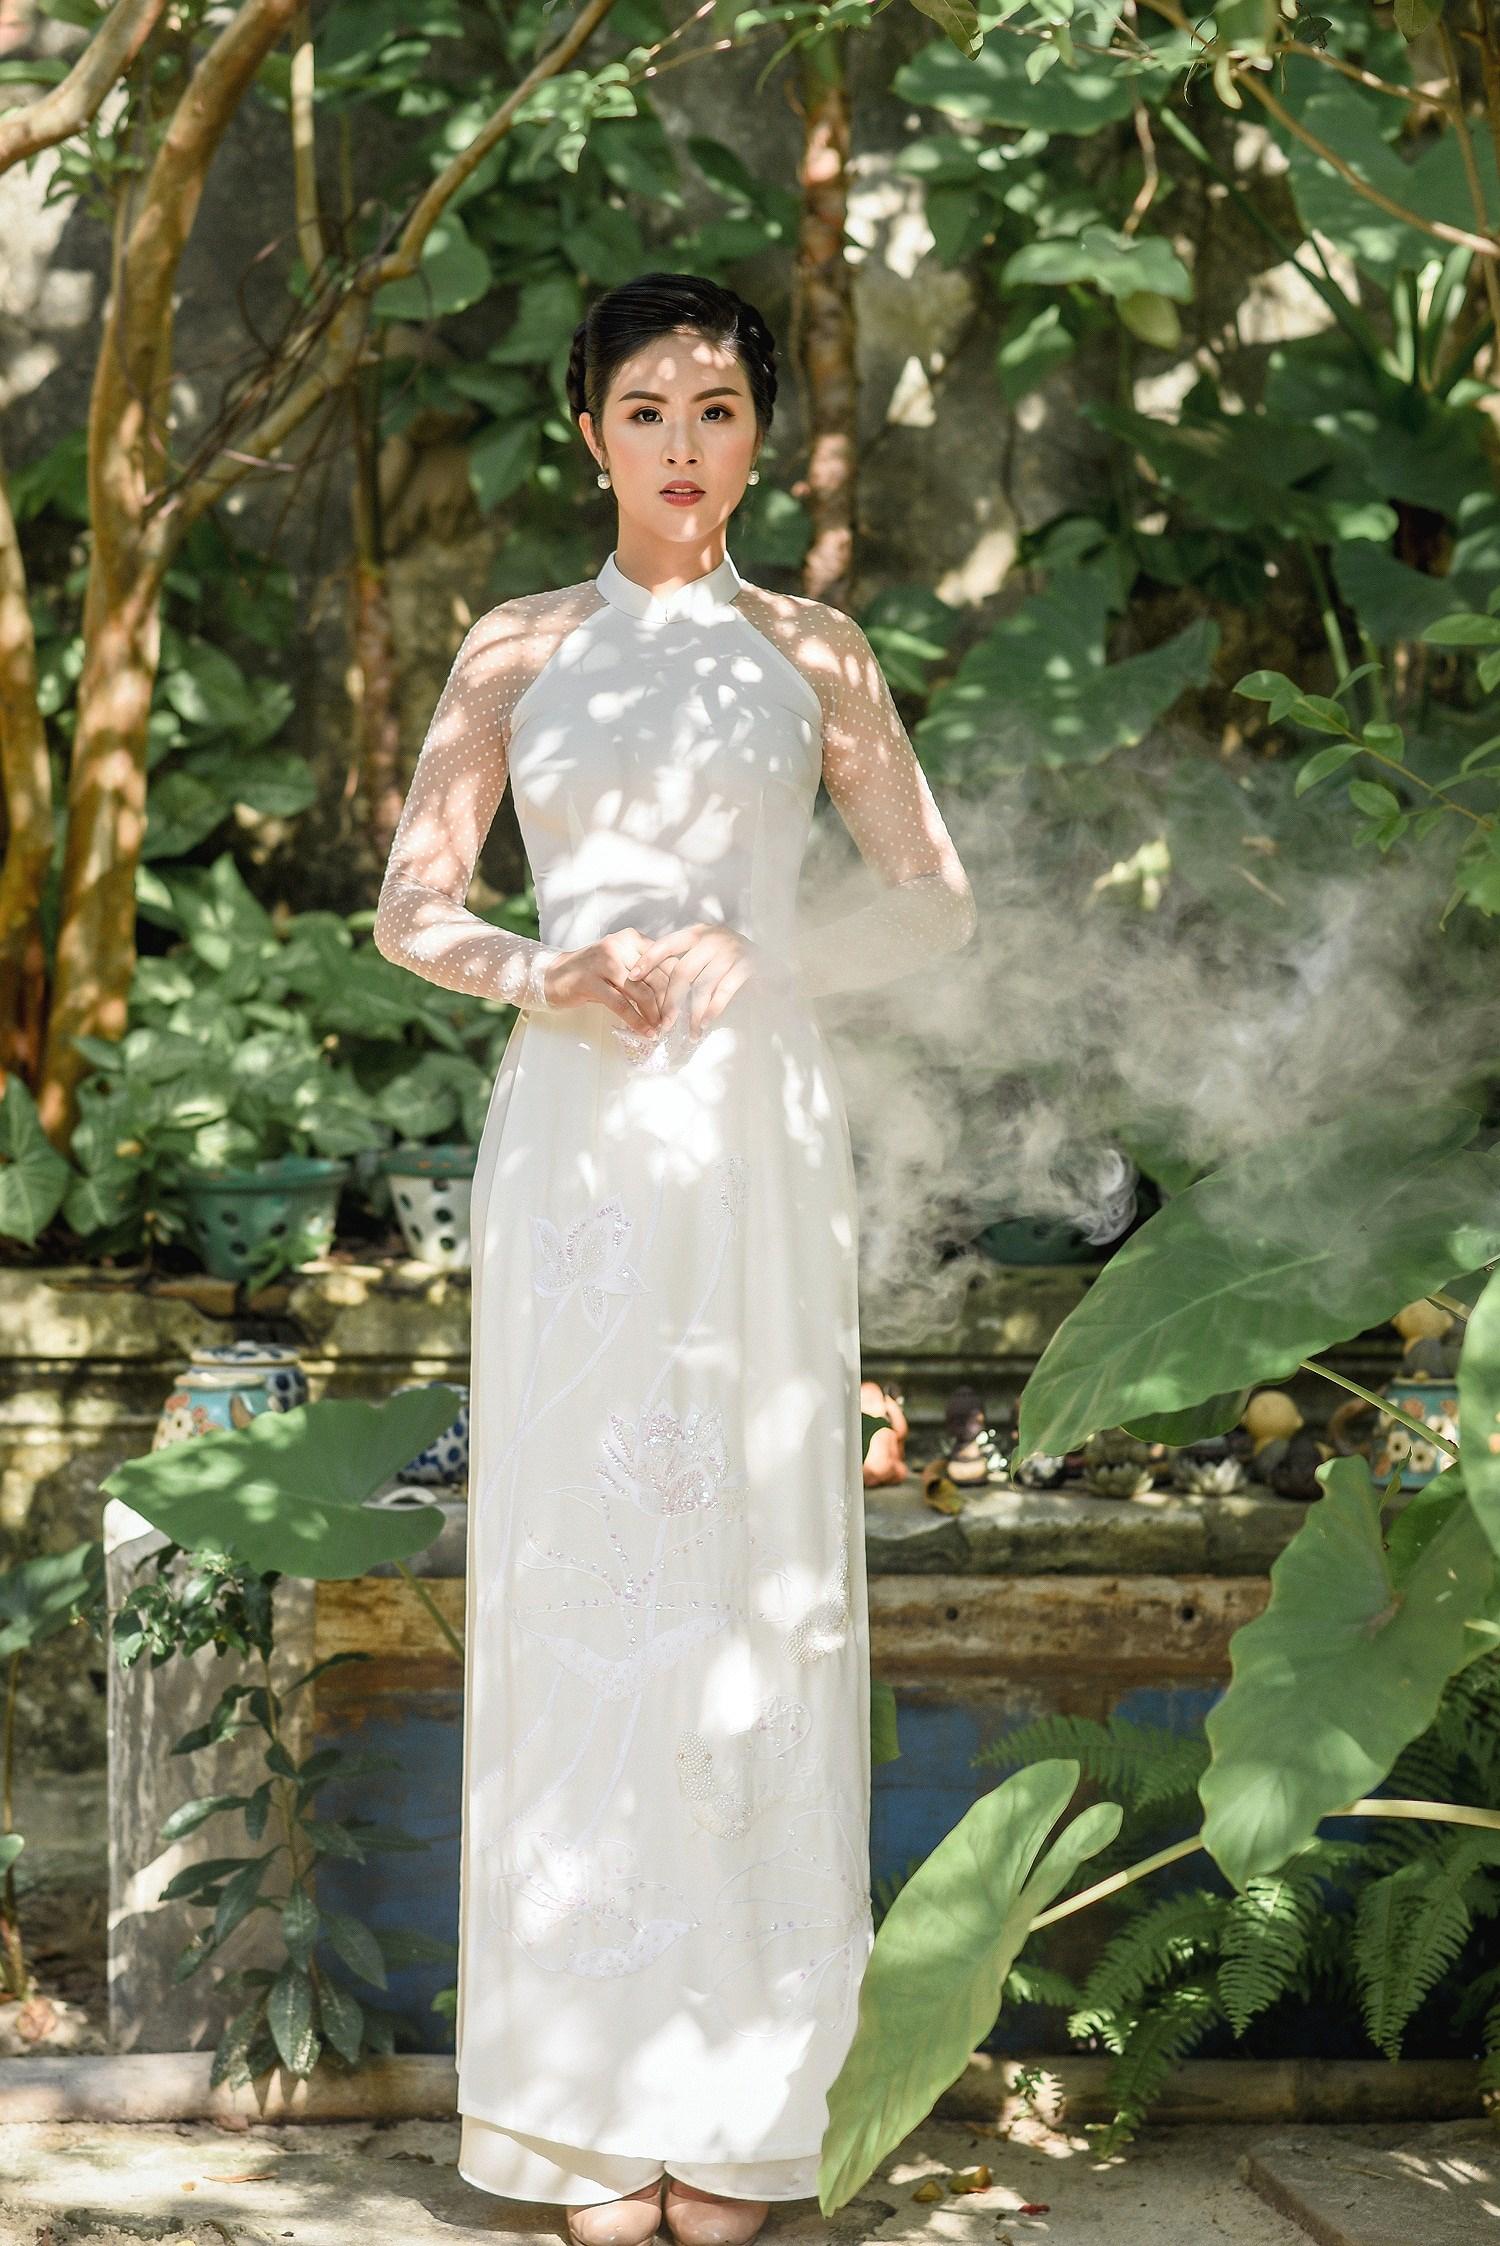 Hoa hậu Ngọc Hân thiết kế áo dài lấy cảm hứng từ cuộc đời Đức Phật Thích Ca Ảnh 1